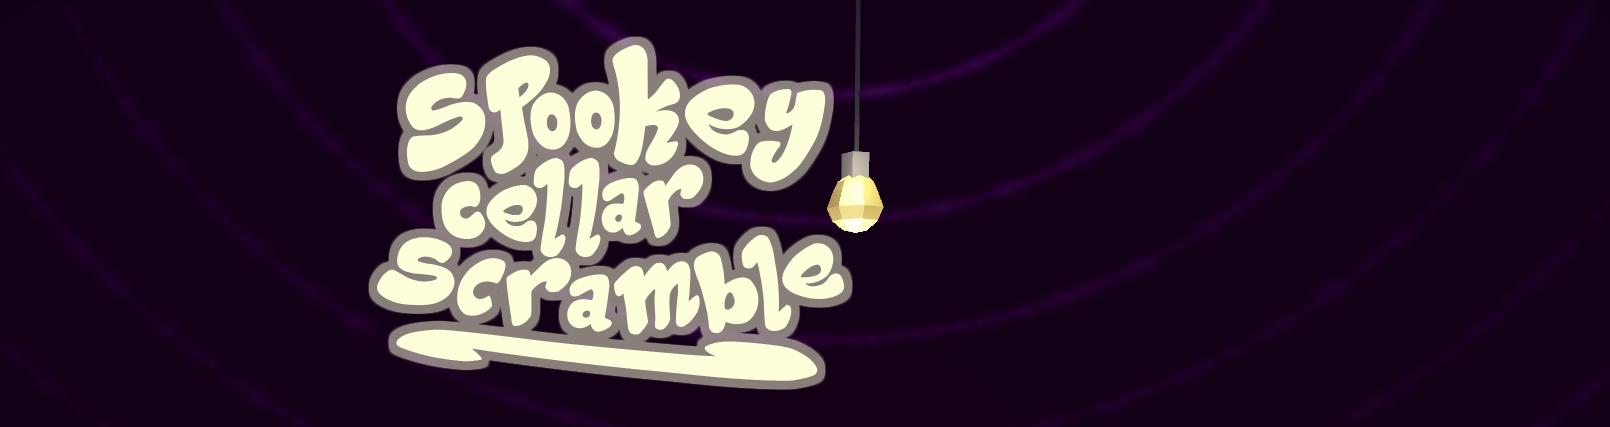 Spookey Cellar Scramble